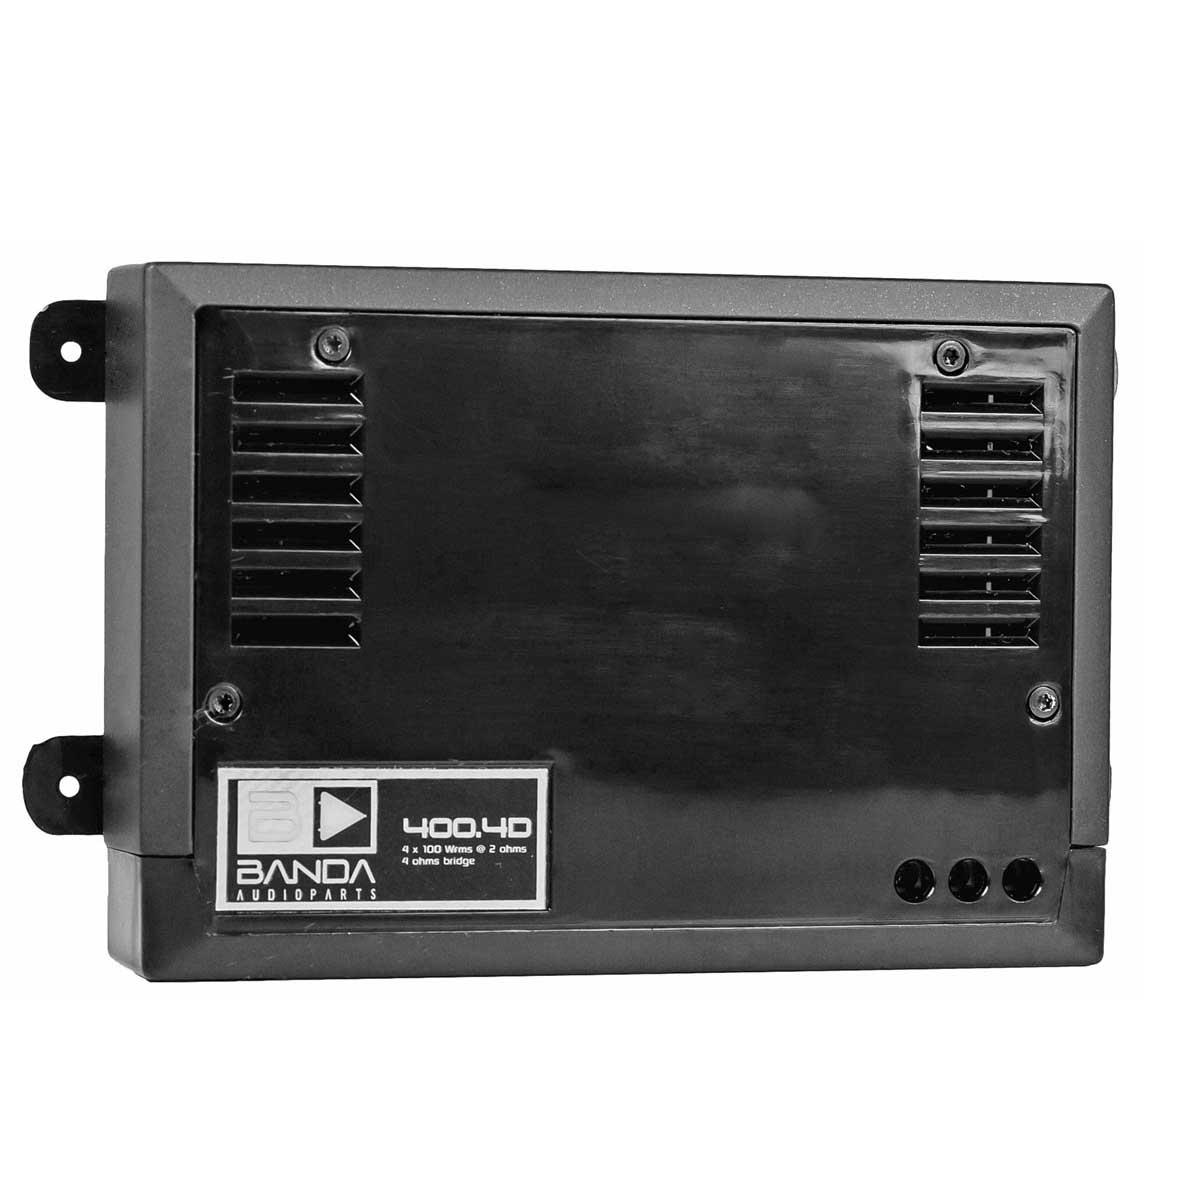 Módulo Amplificador Digital Banda BD 400.4